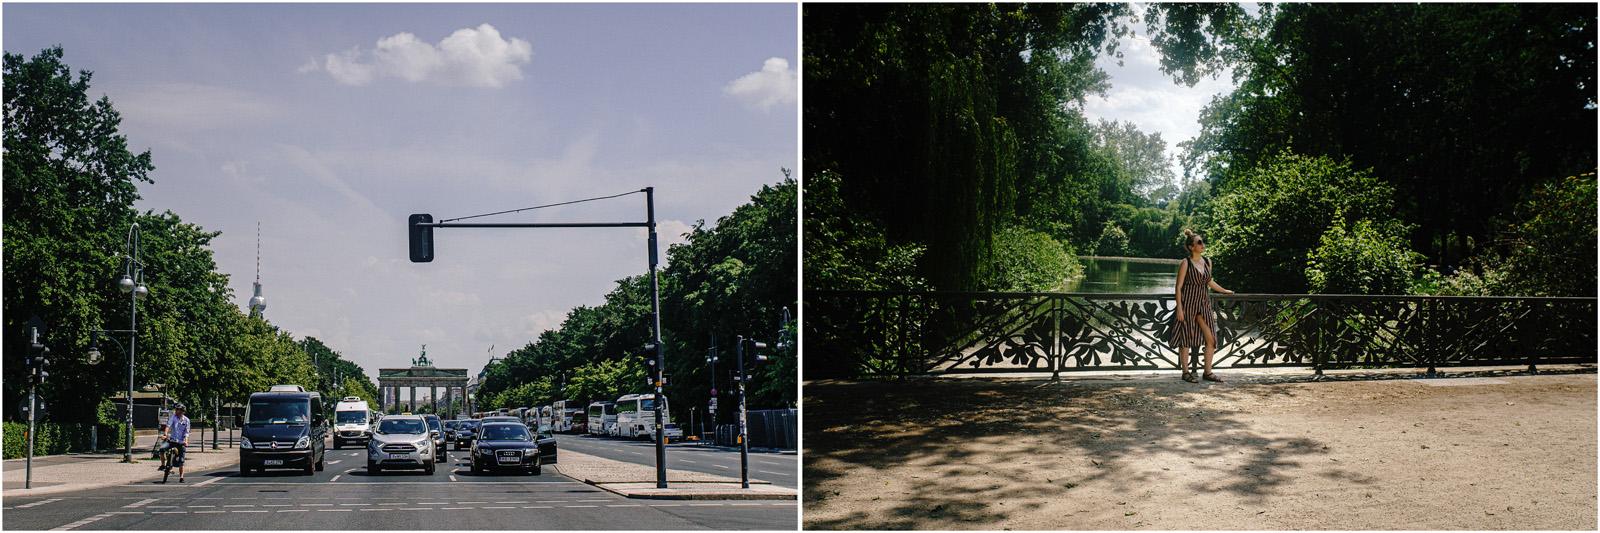 Miasto rowerów. Berlin. 27